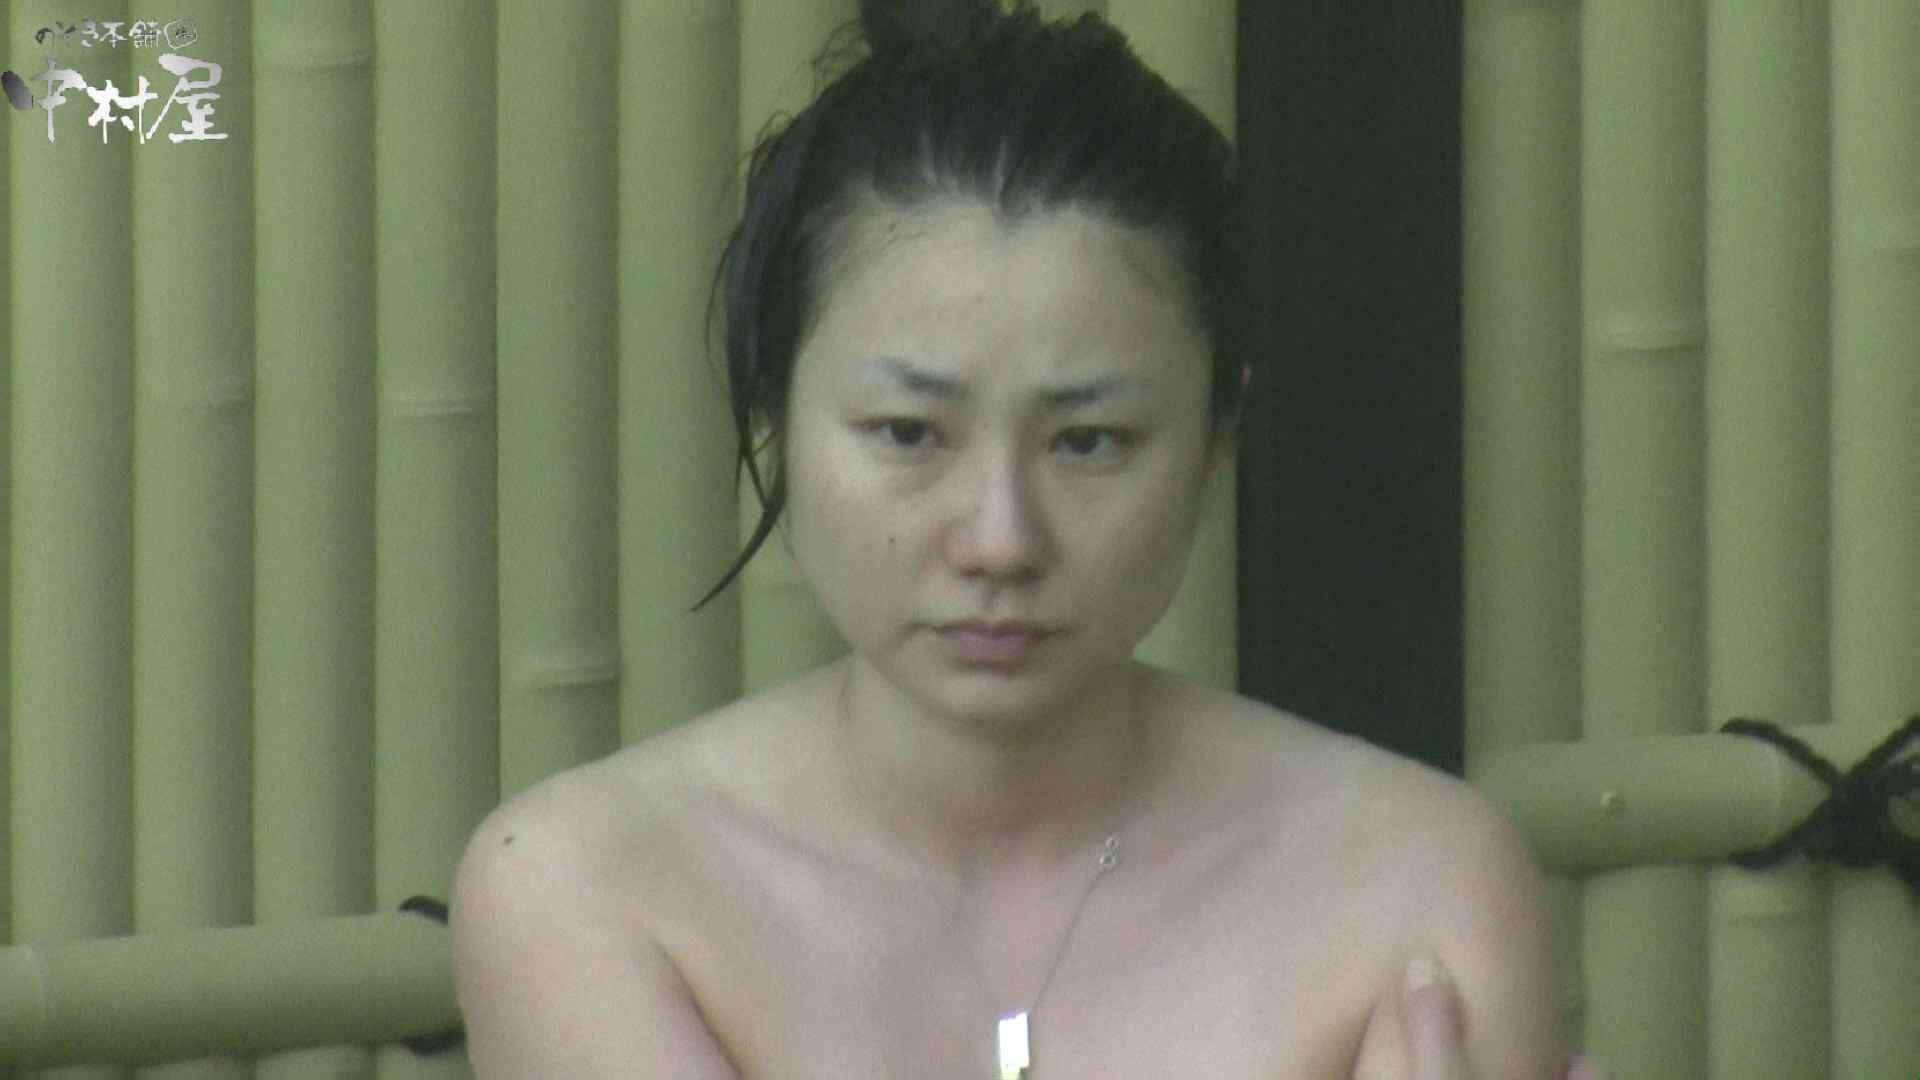 Aquaな露天風呂Vol.969 盗撮   OLのエロ生活  86連発 13